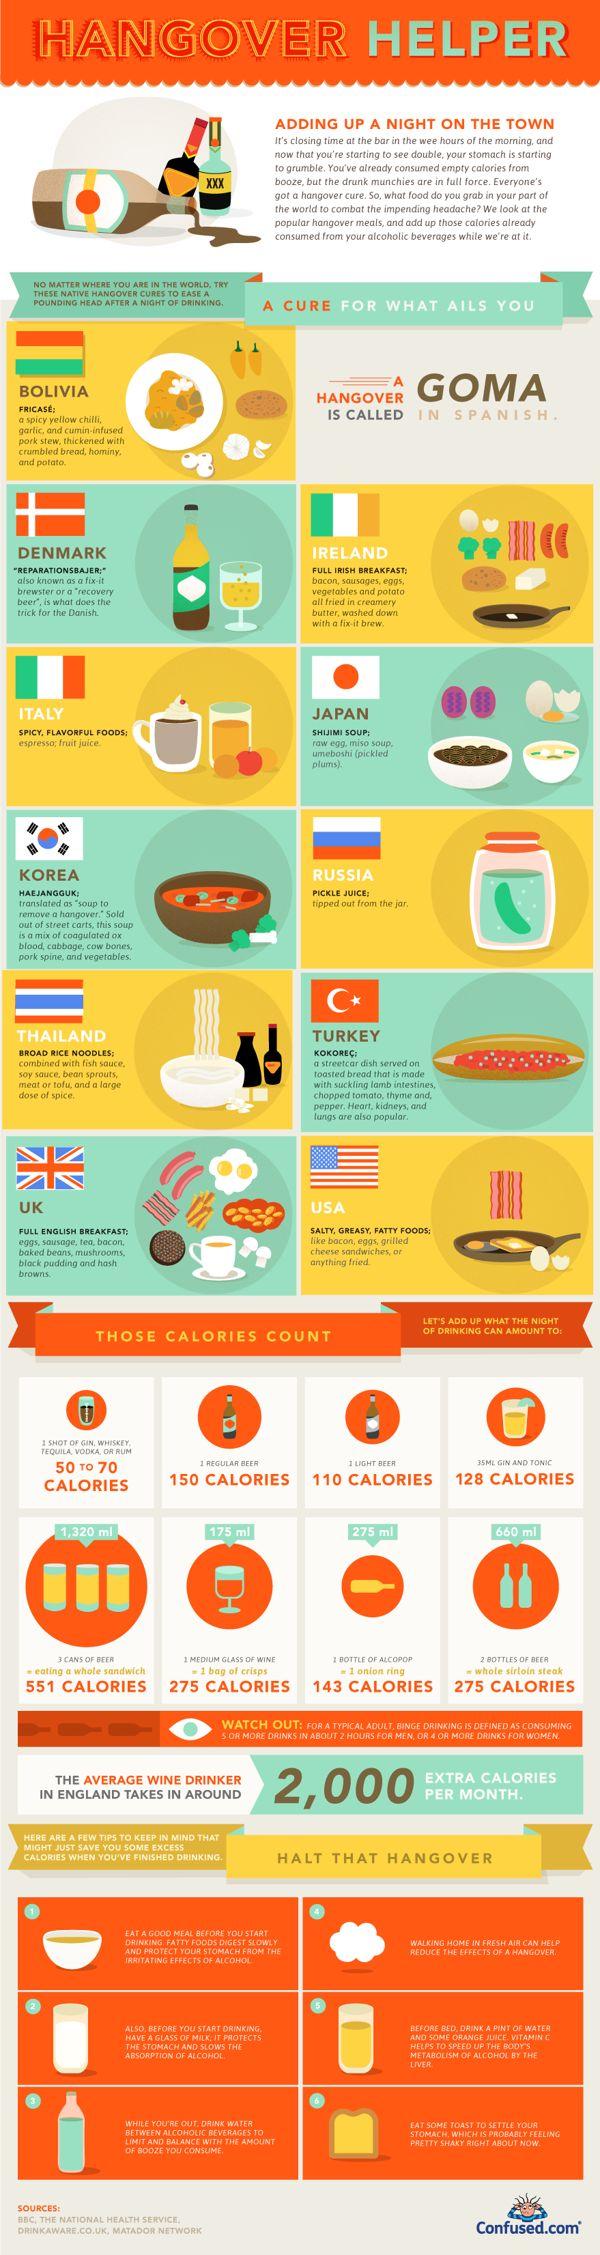 세계의 다양한 숙취해소 방법과 술의 열량 비교를 보여주는 인포그래픽 (behance)